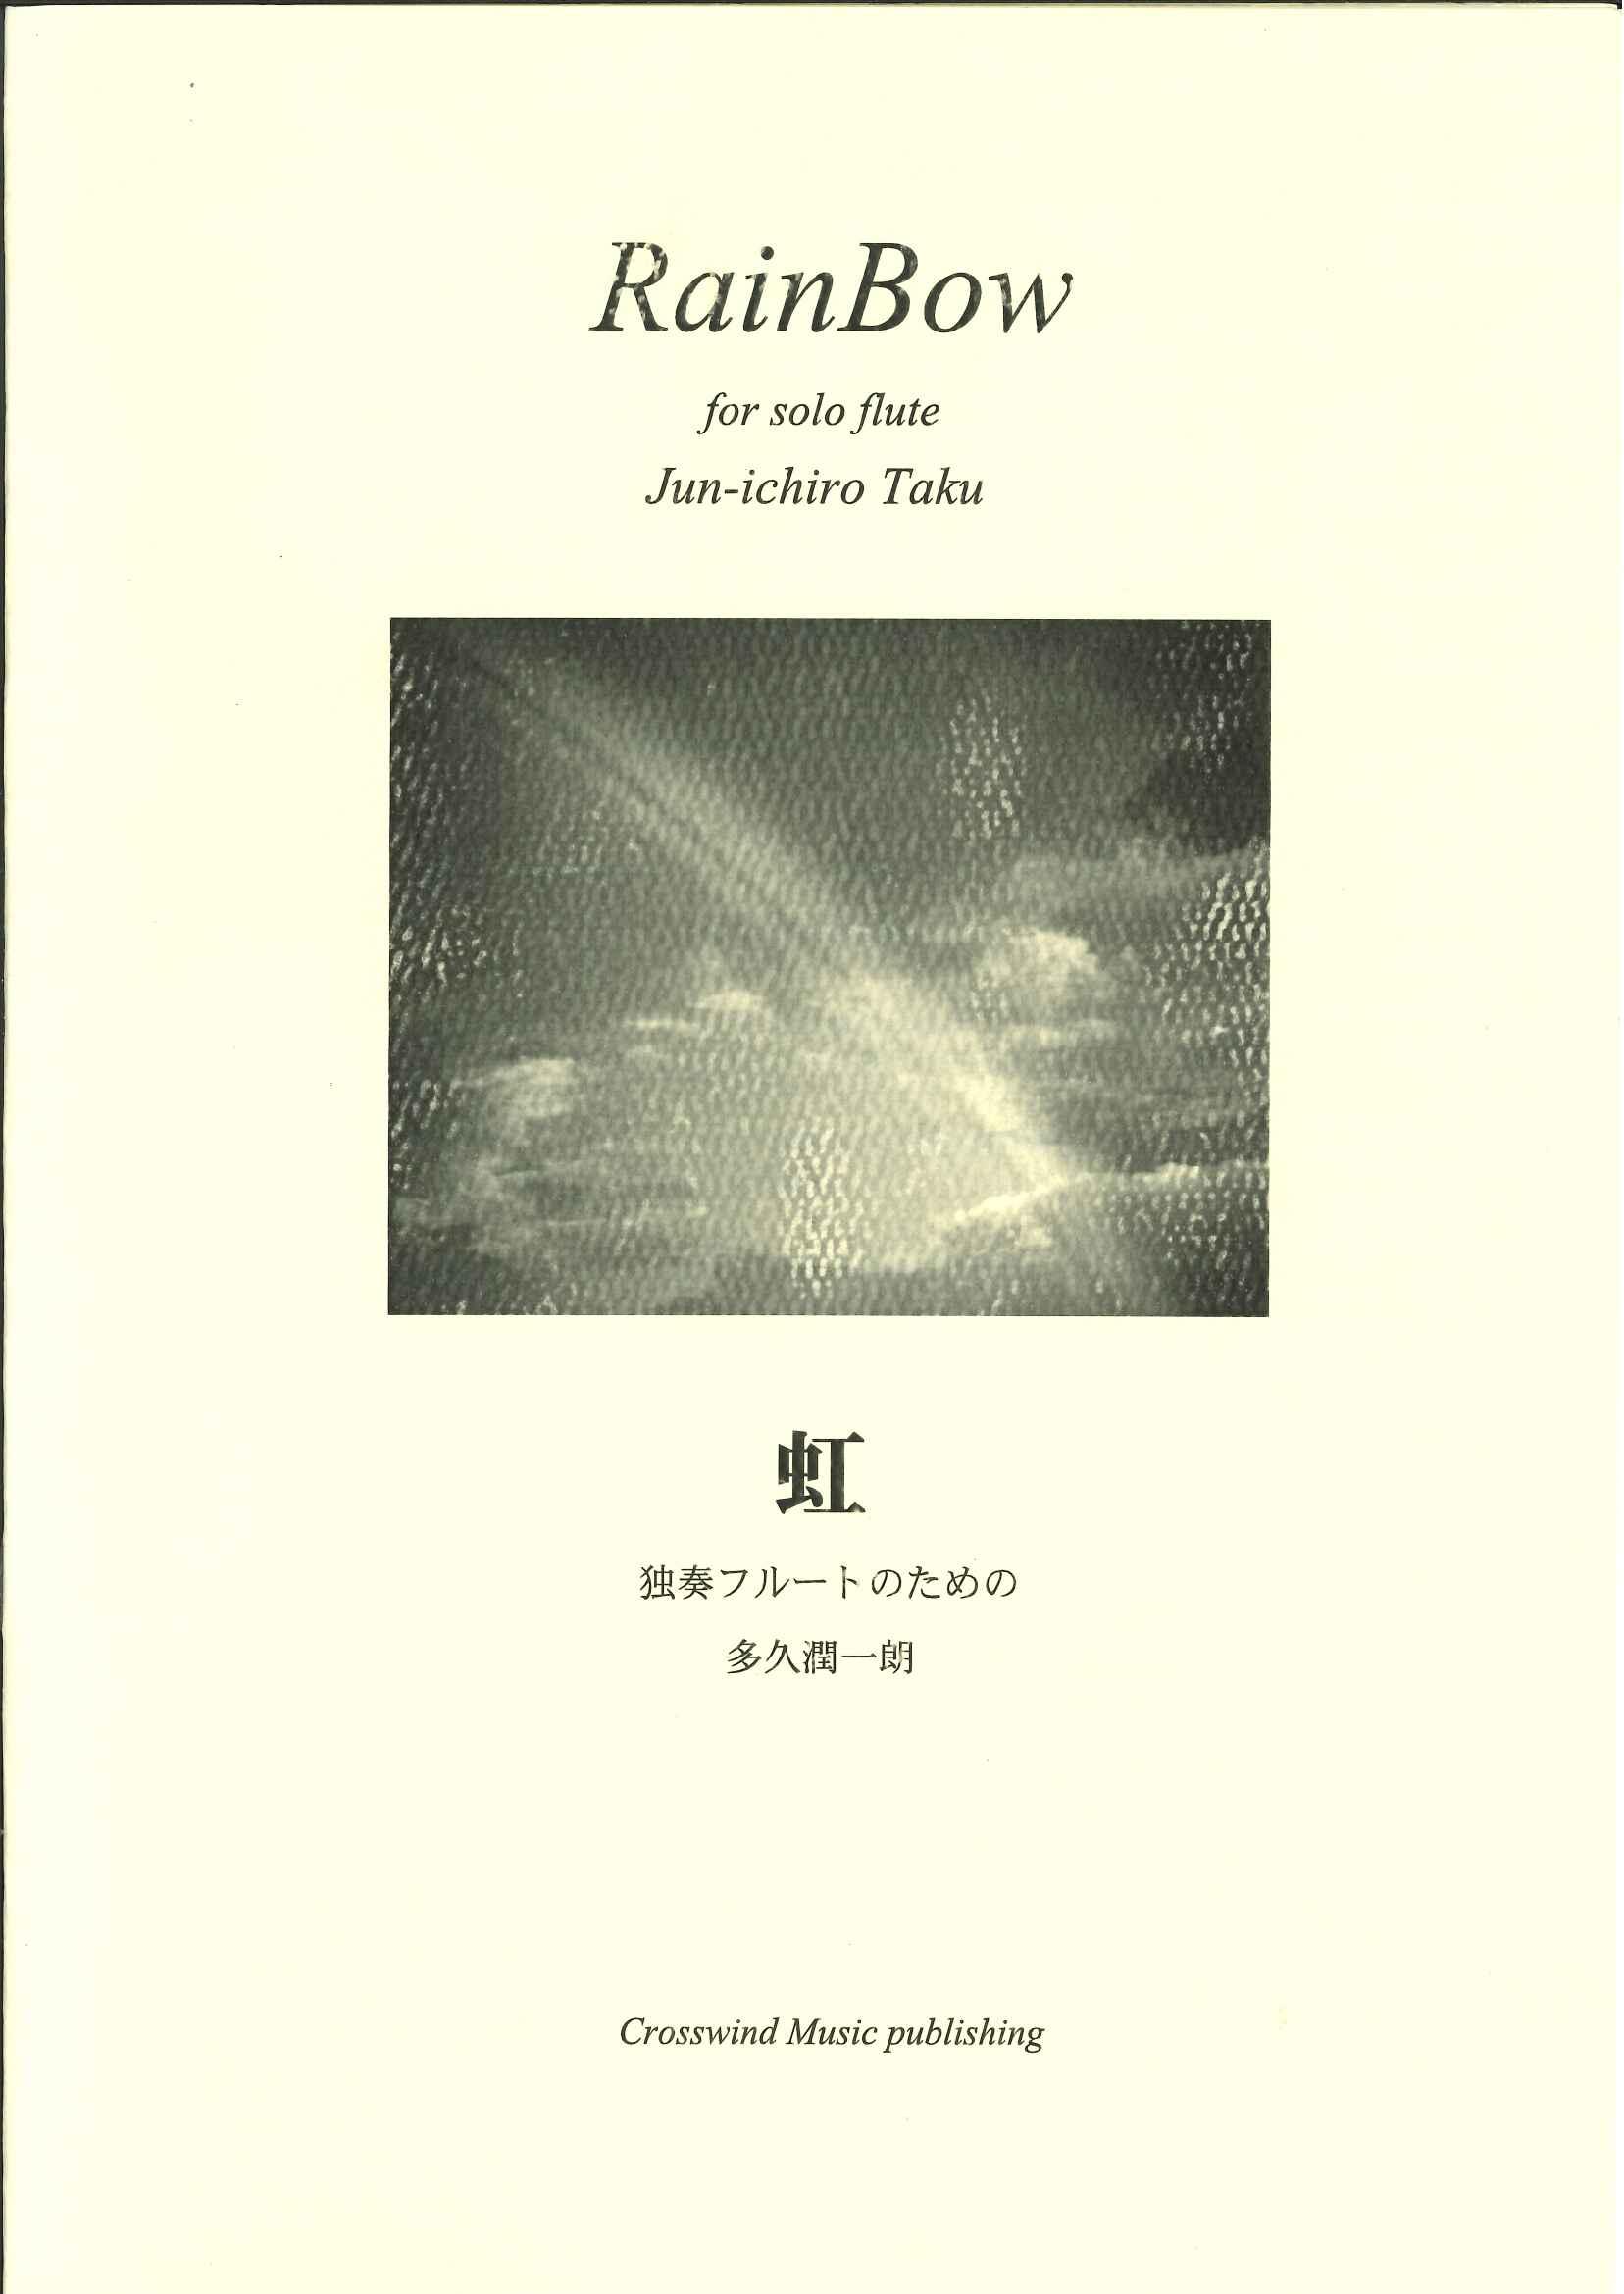 フルート ソロ譜「虹 独奏フルートのための/多久潤一朗」